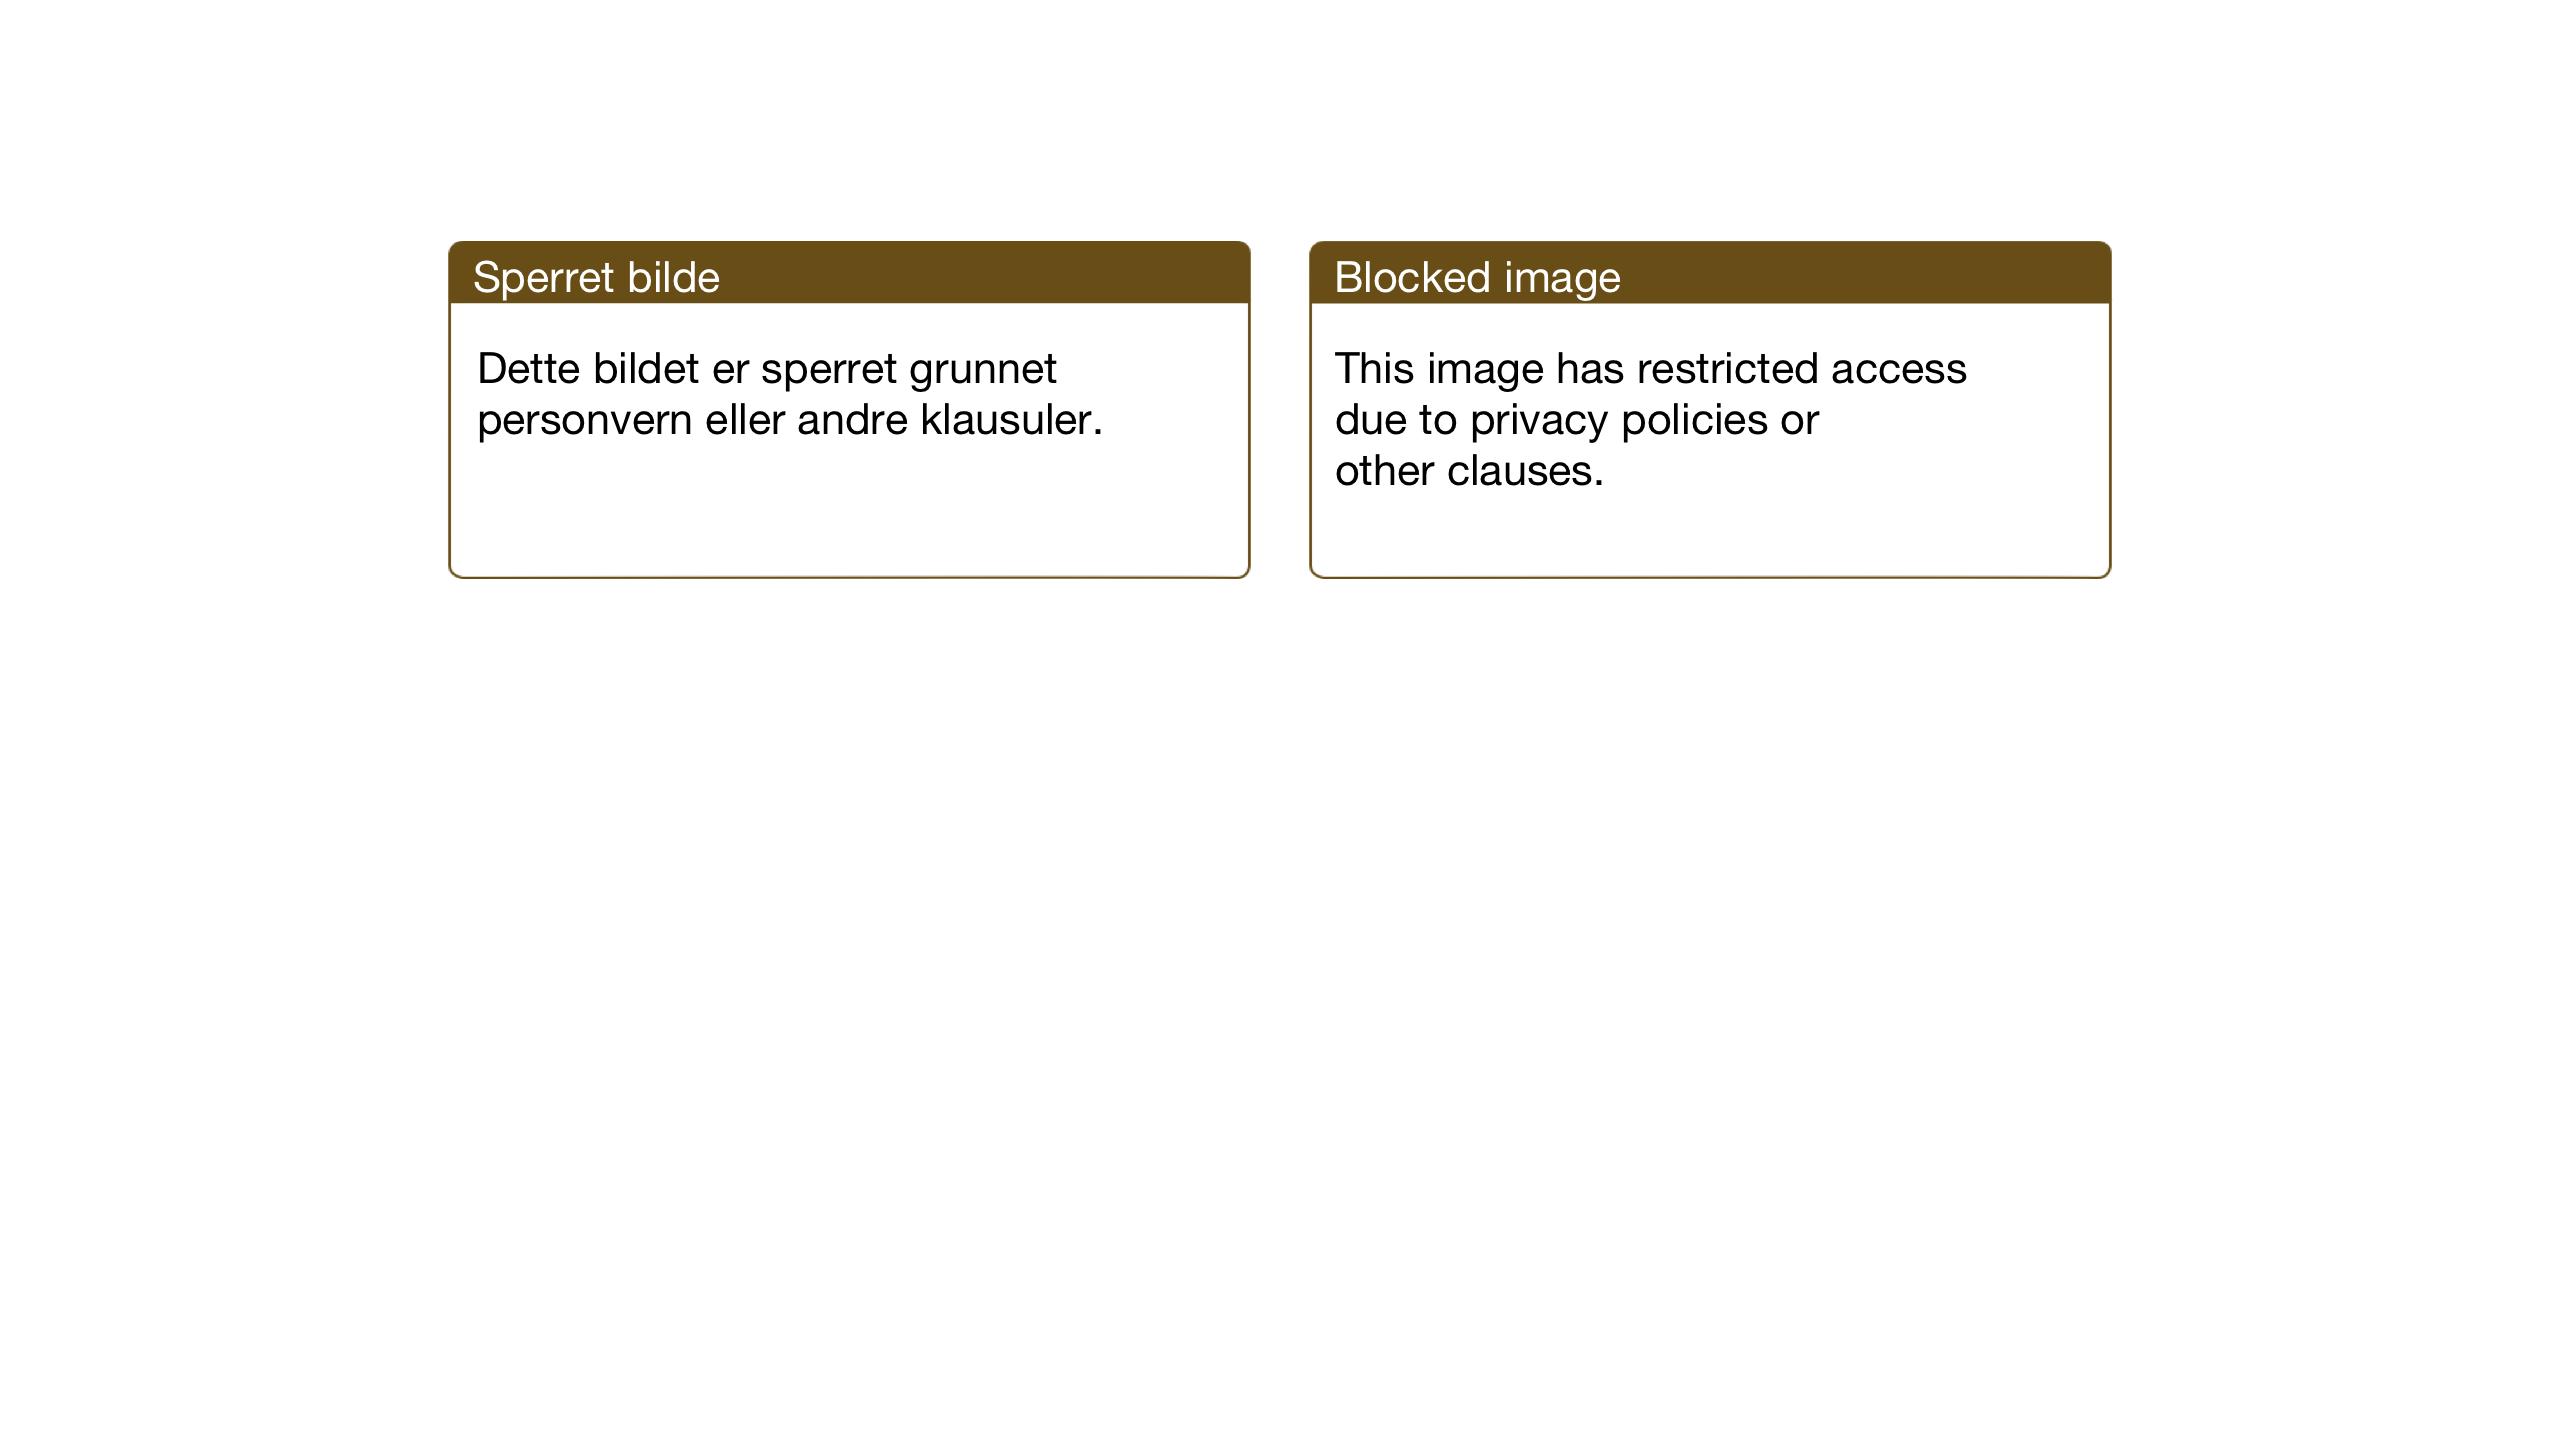 SAT, Ministerialprotokoller, klokkerbøker og fødselsregistre - Sør-Trøndelag, 698/L1169: Klokkerbok nr. 698C06, 1930-1949, s. 20